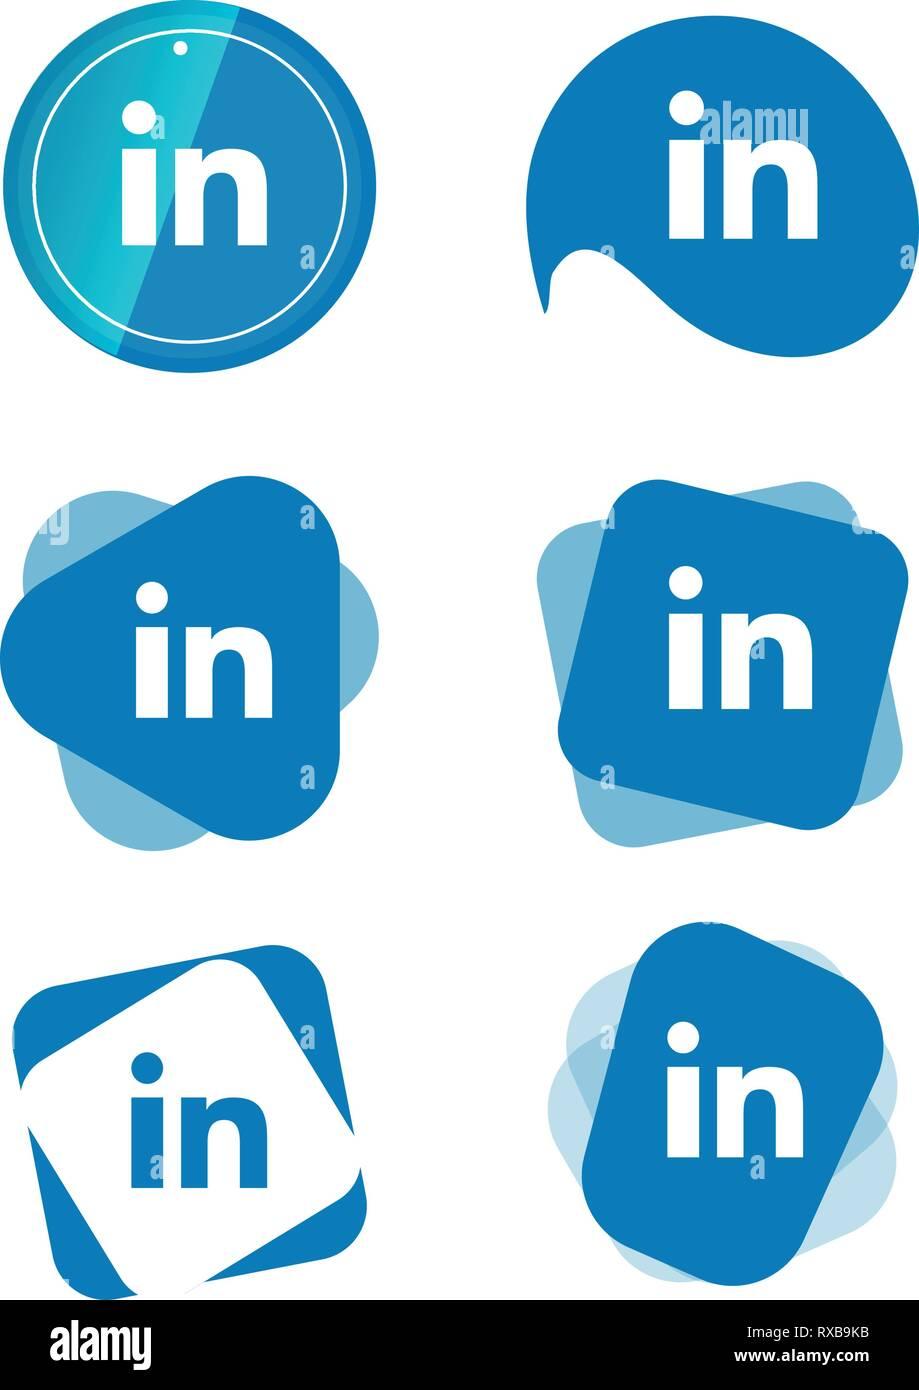 Linkedin In Social Media Icons Set Logo Vector Illustrator